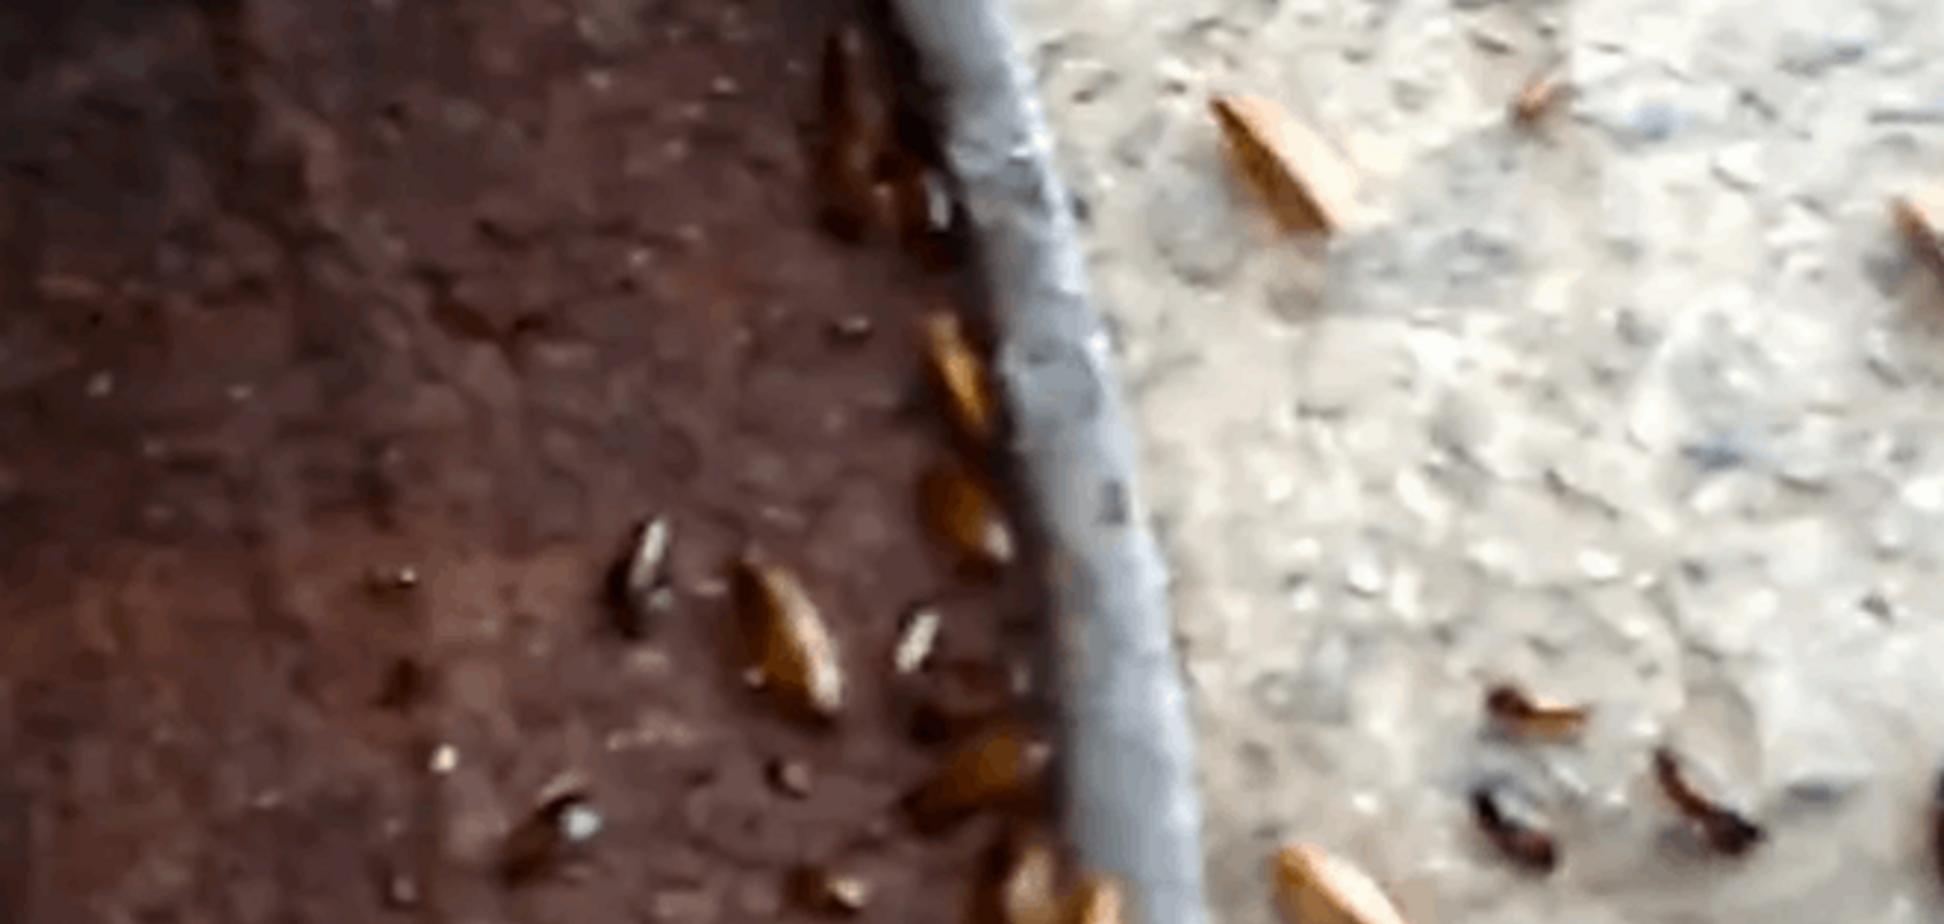 Военным привозят еду в контейнерах, кишащих тараканами: видеофакт